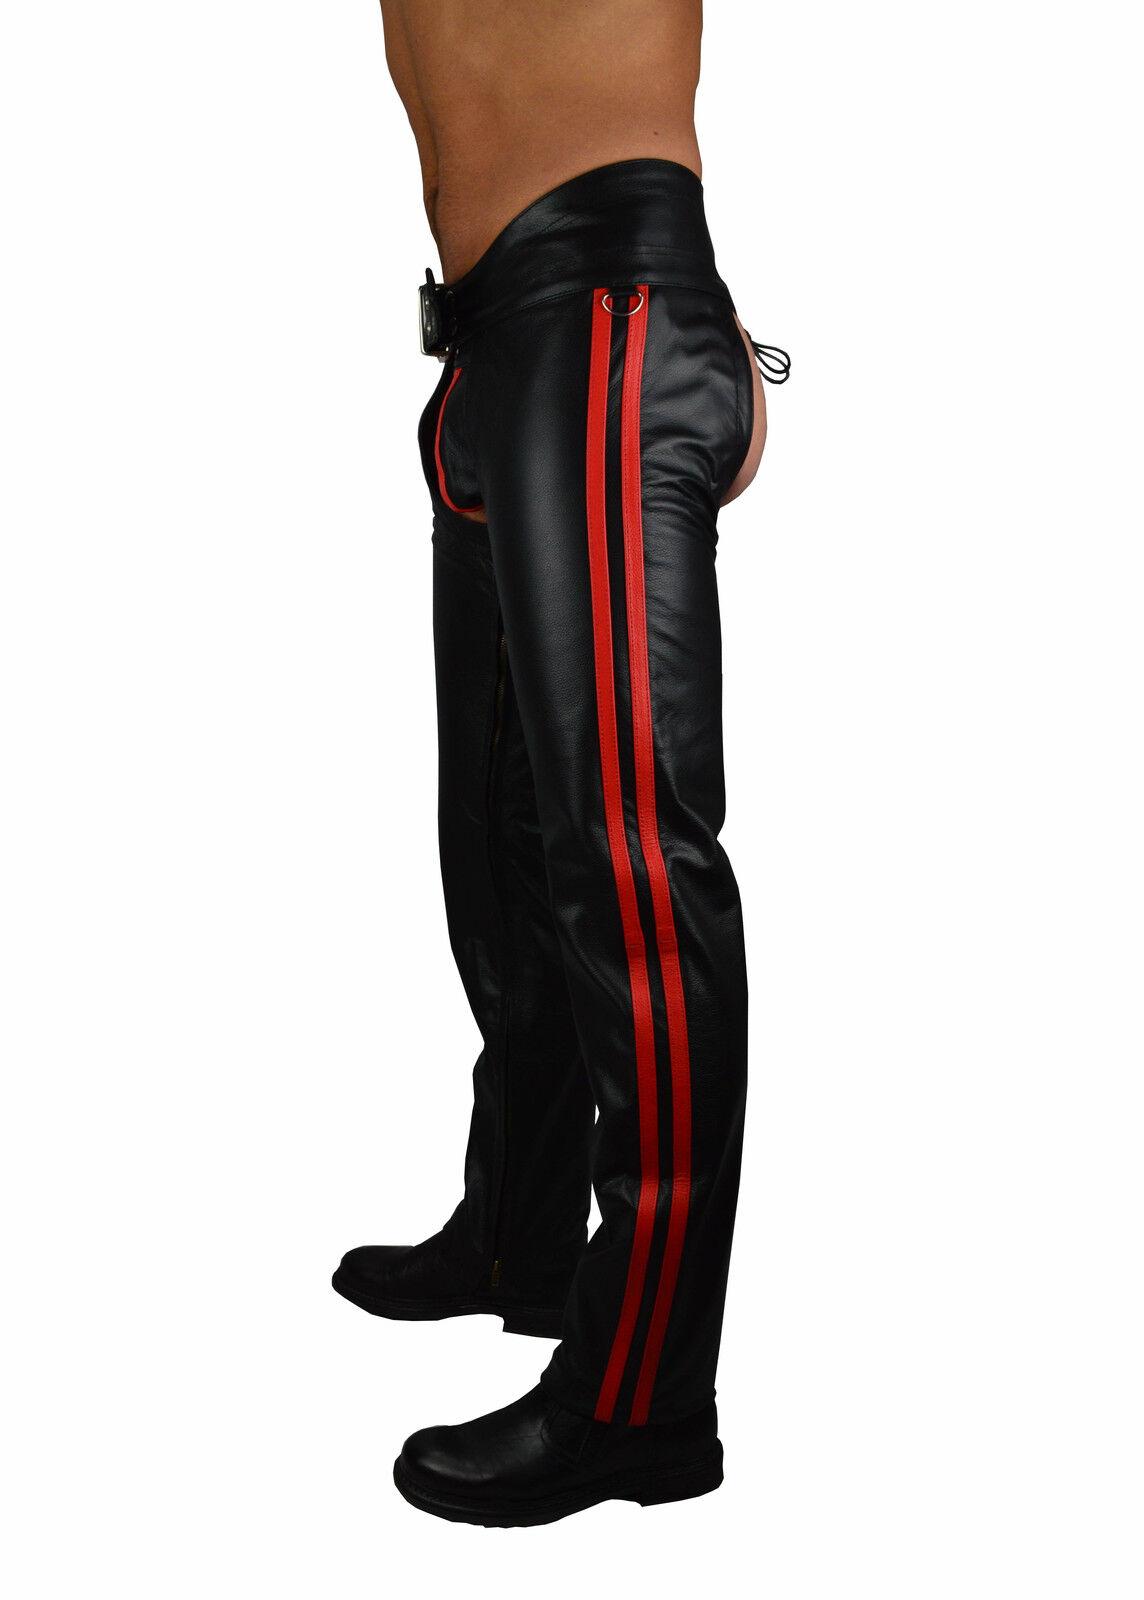 Awanstar Leather Chaps, Pantaloni Pantaloni Pantaloni di pelle, Leder Chaps Cuir Gay Chaps Pantaloni Motociclista bb28b1